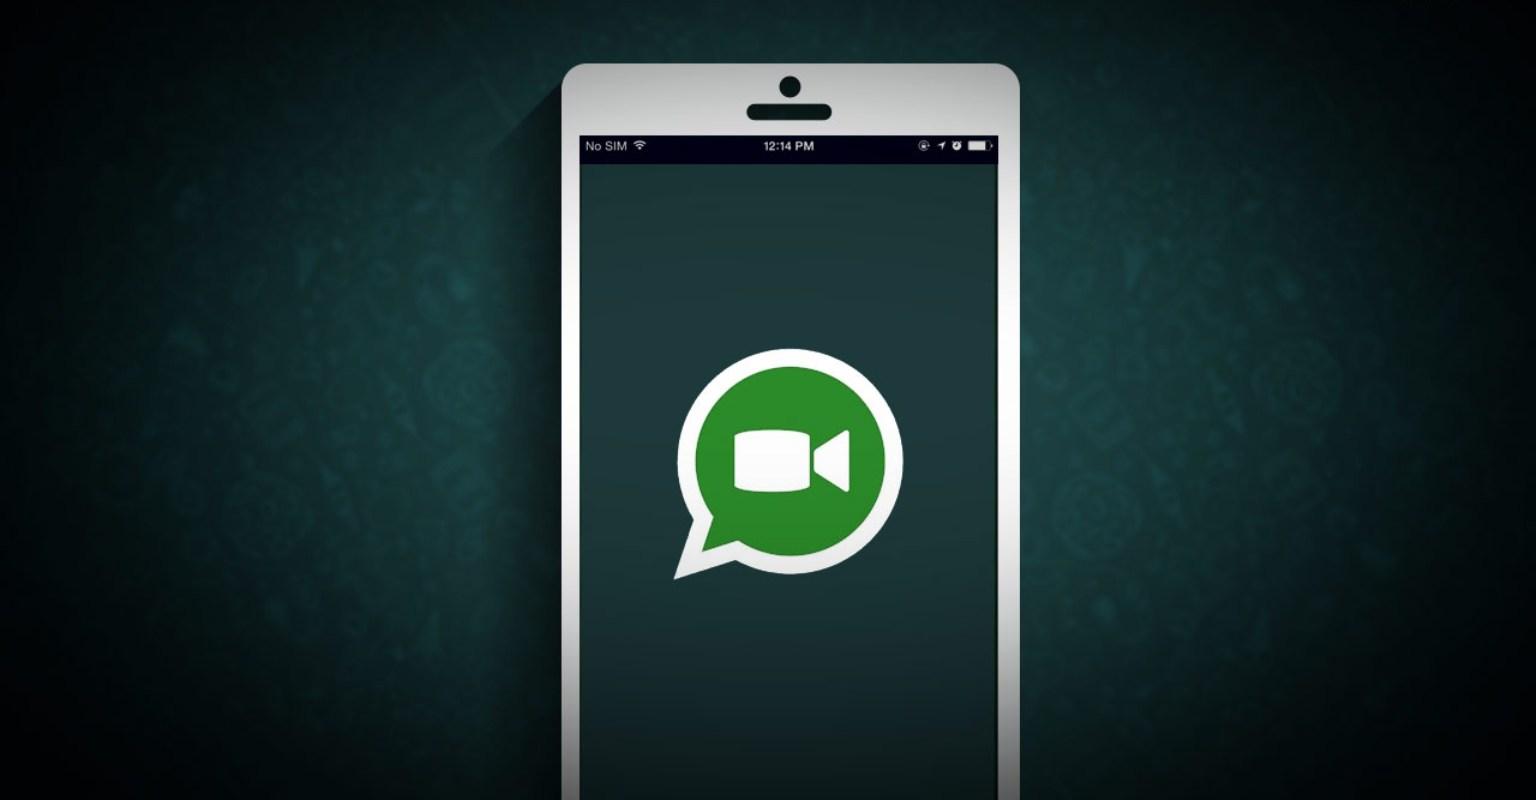 هذا هو جديد الواتسآب بخصوص مكالمات الفيديو Whatsapp Video calls